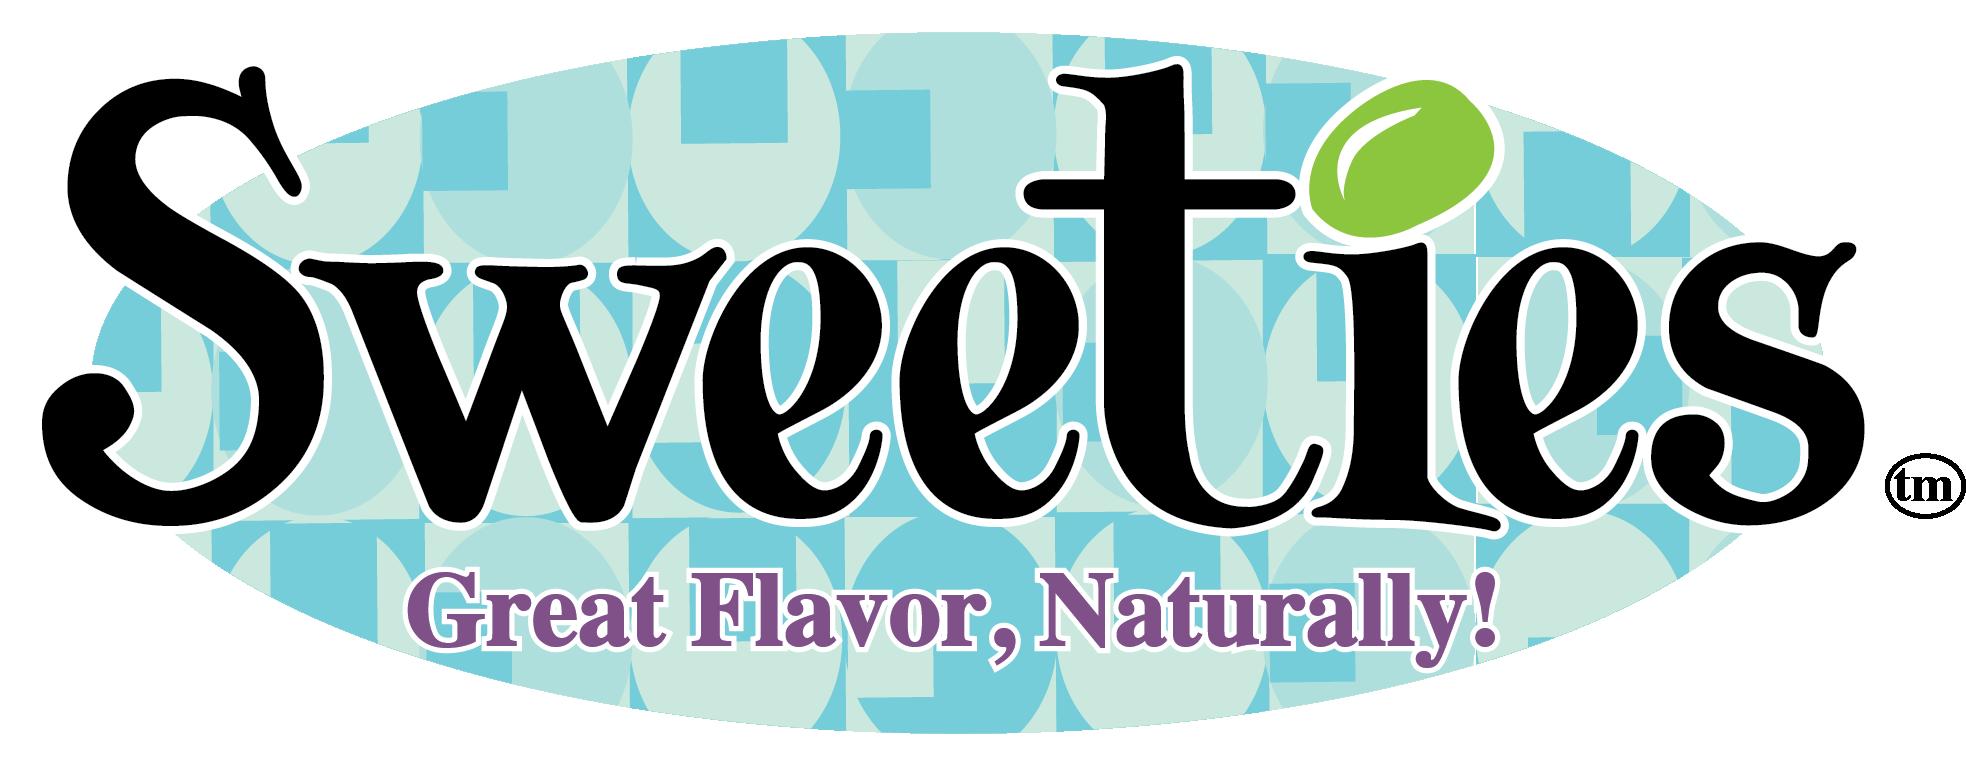 sweeties_logo_.png